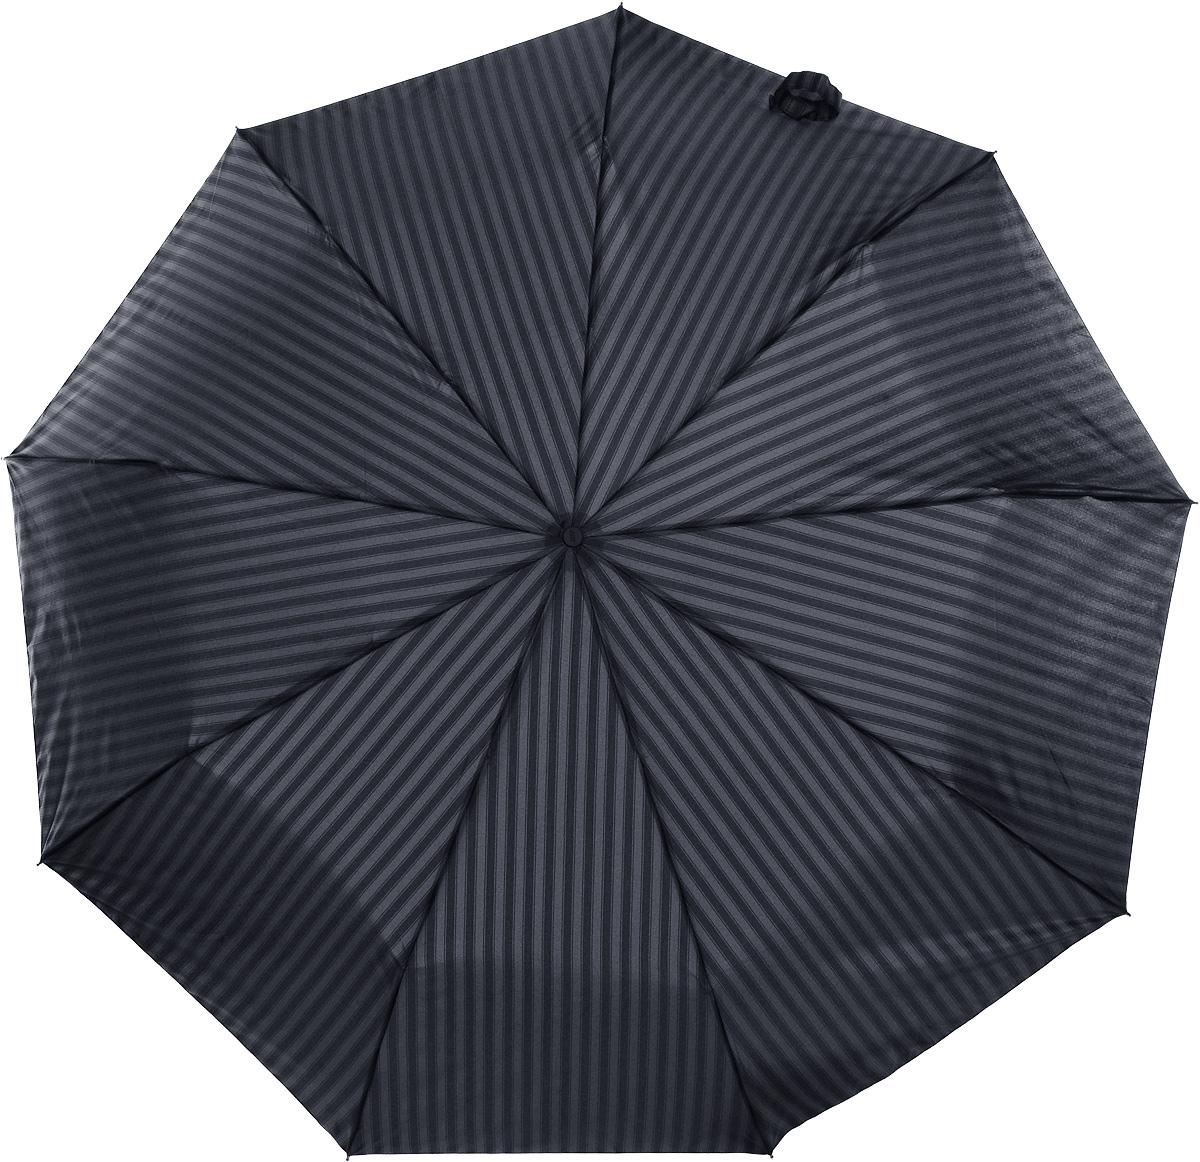 Зонт мужской Zest, автомат, 3 сложения, цвет: темно-серый, серый. 13953-1 цены